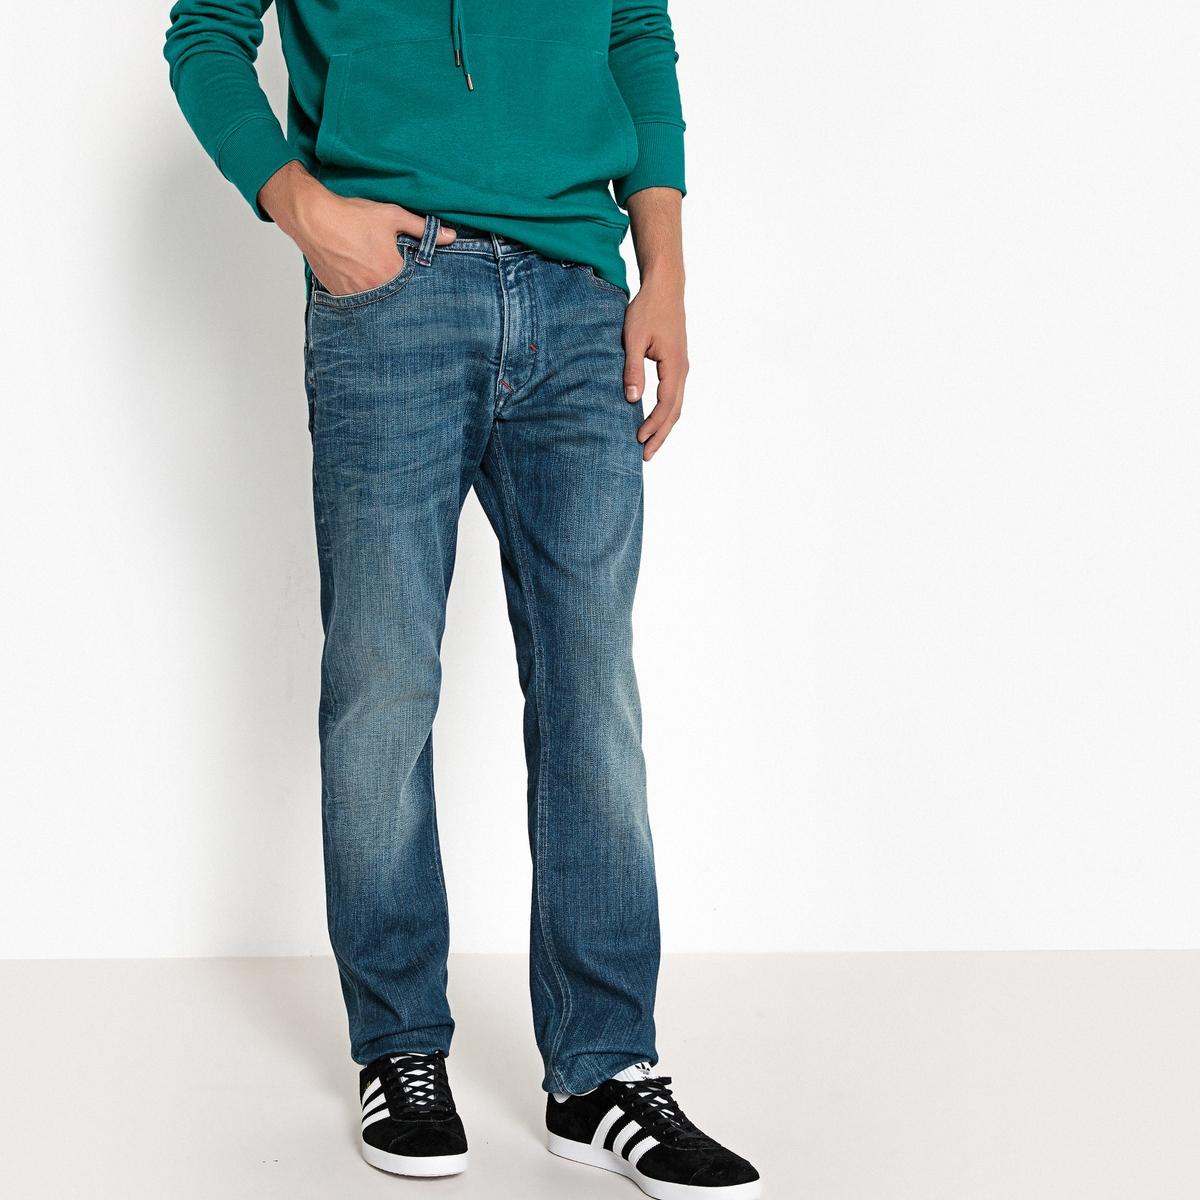 Джинсы прямые ostin базовые прямые джинсы